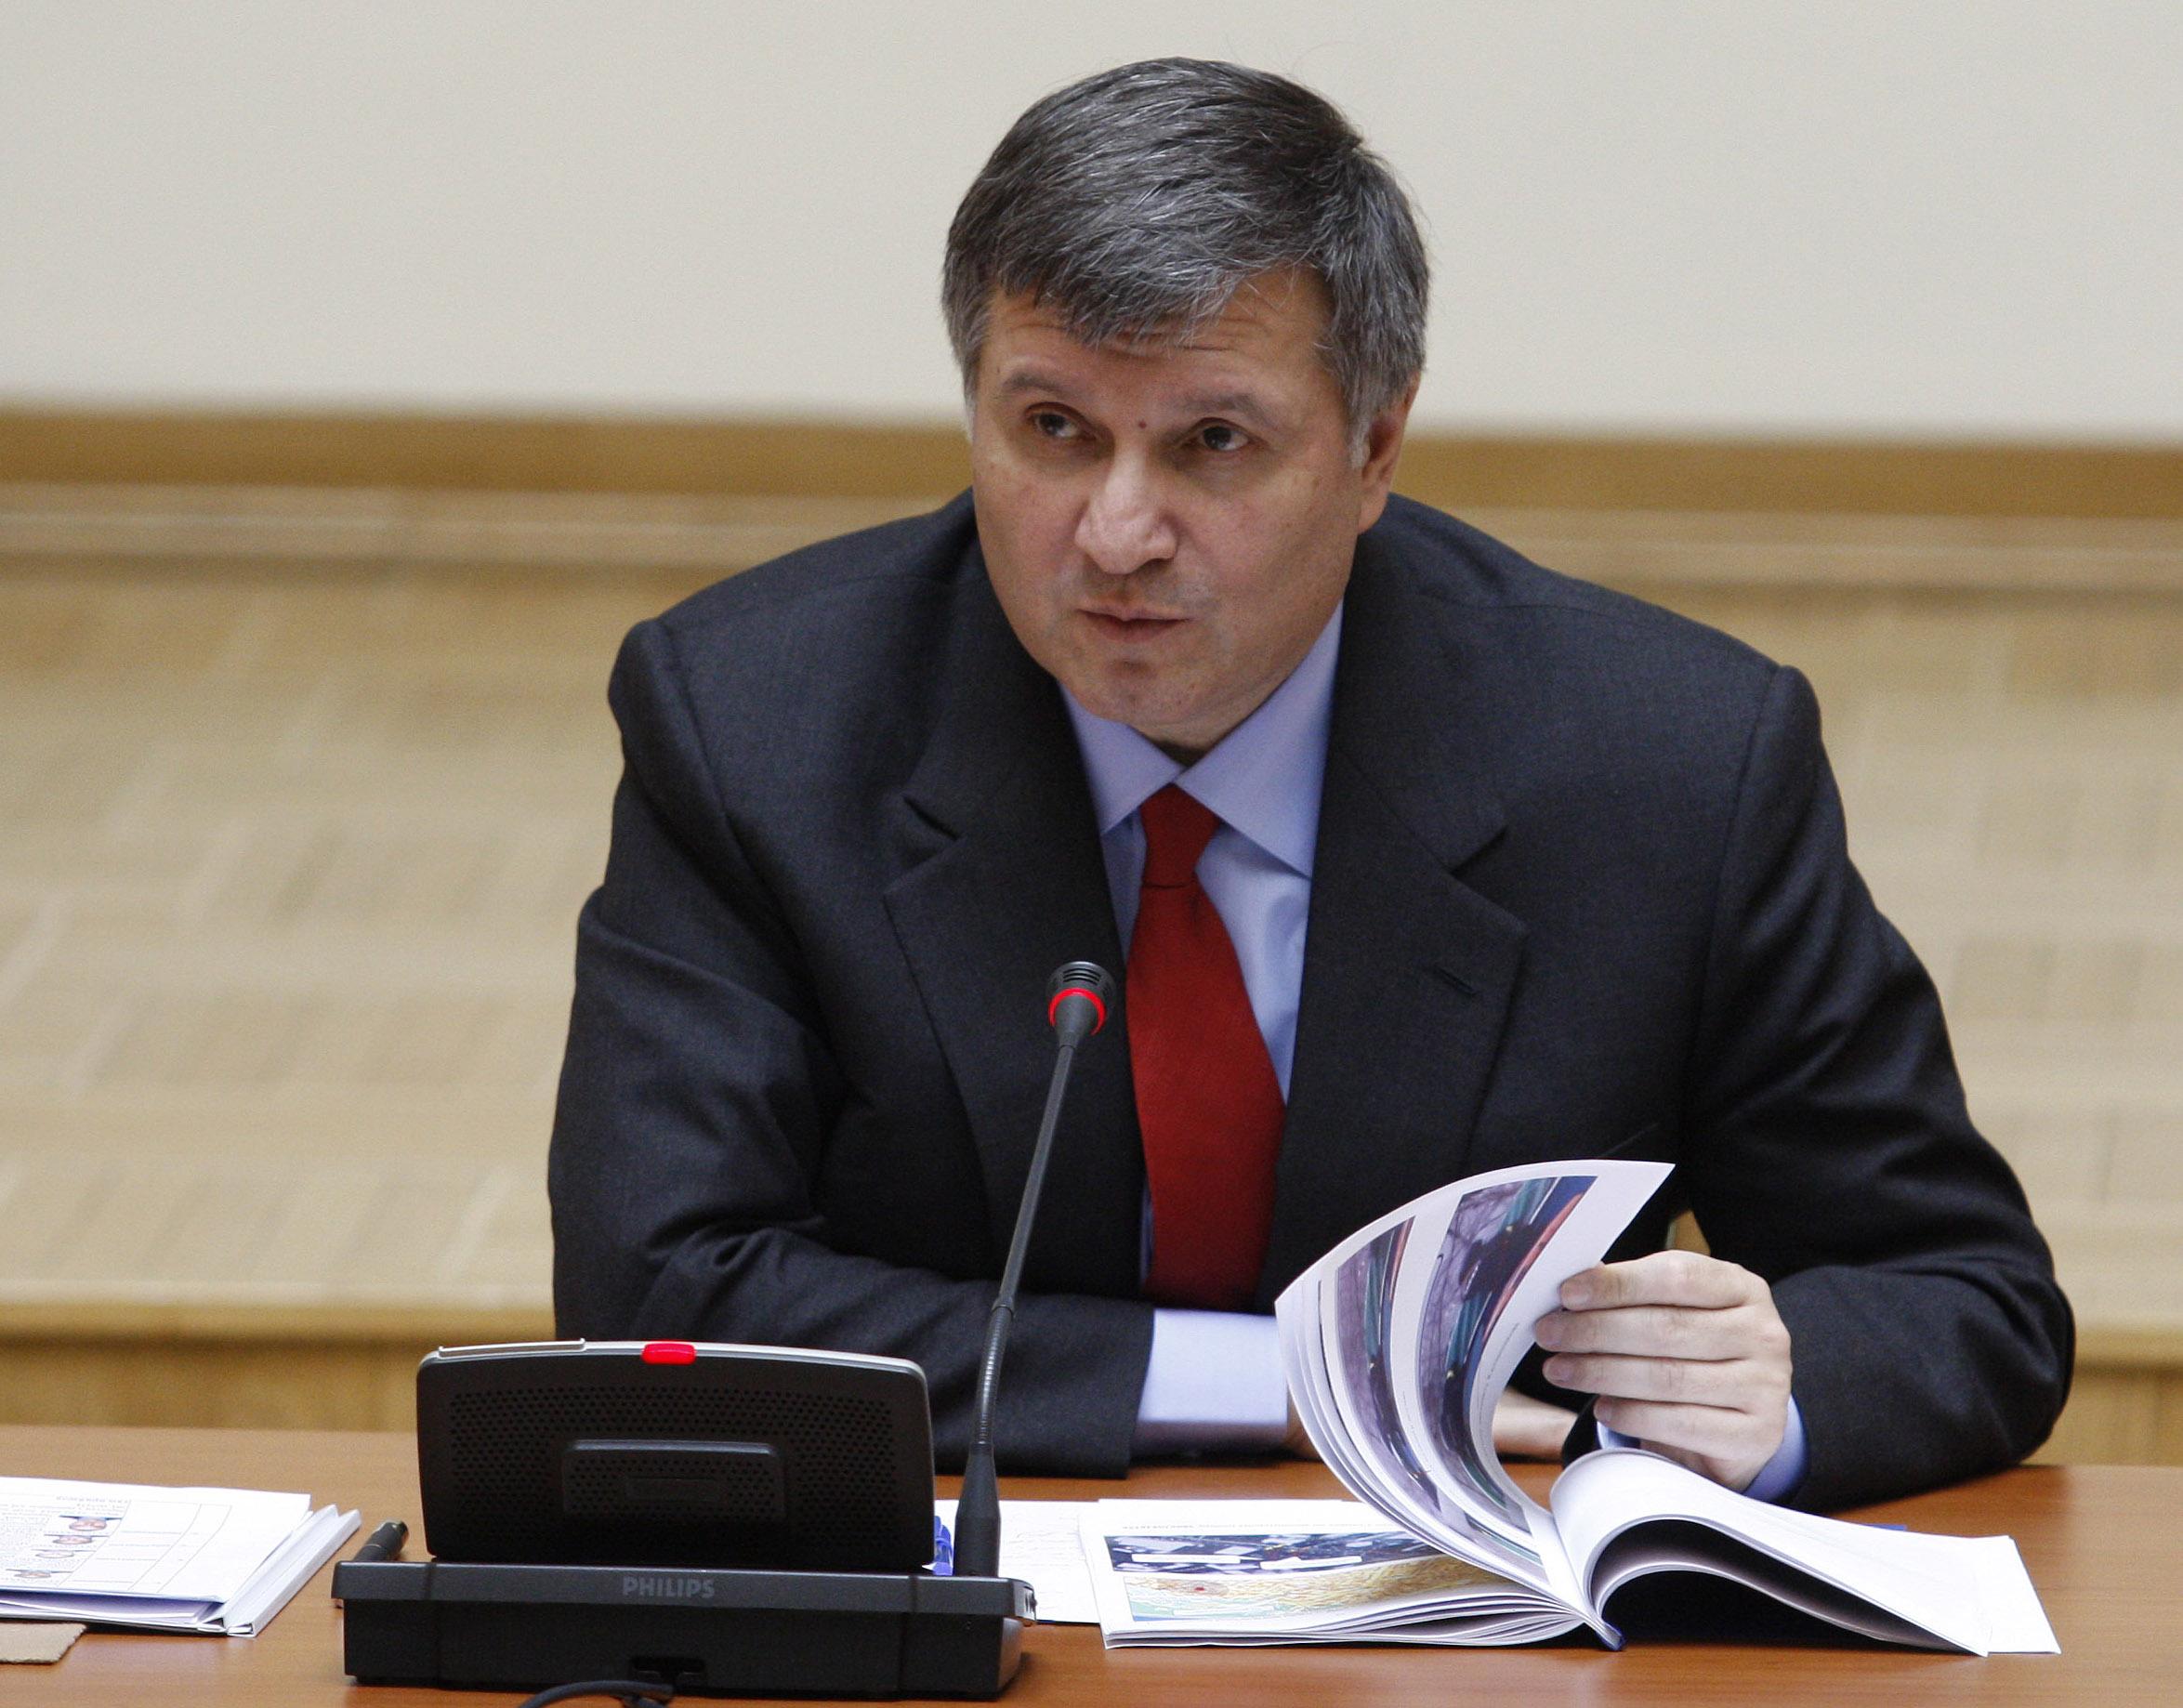 И. о. главы МВД Украины Арсен Аваков